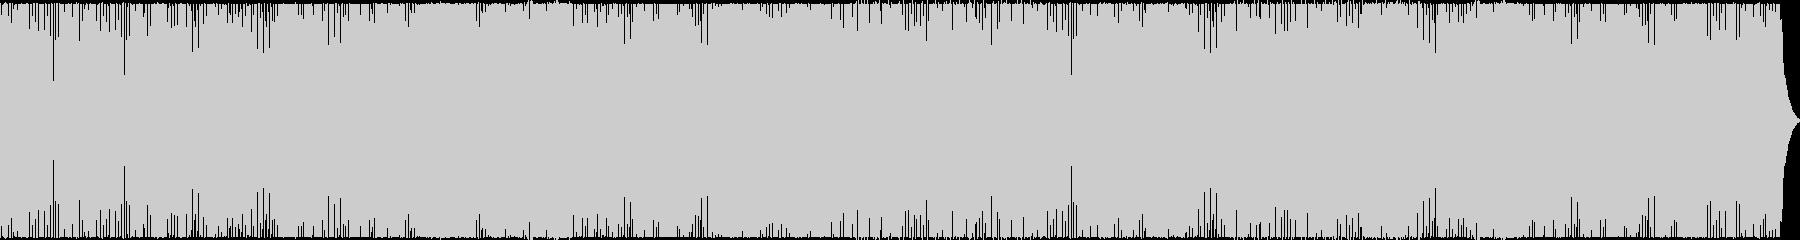 汎用性の高い4つ打ちダンス曲の未再生の波形